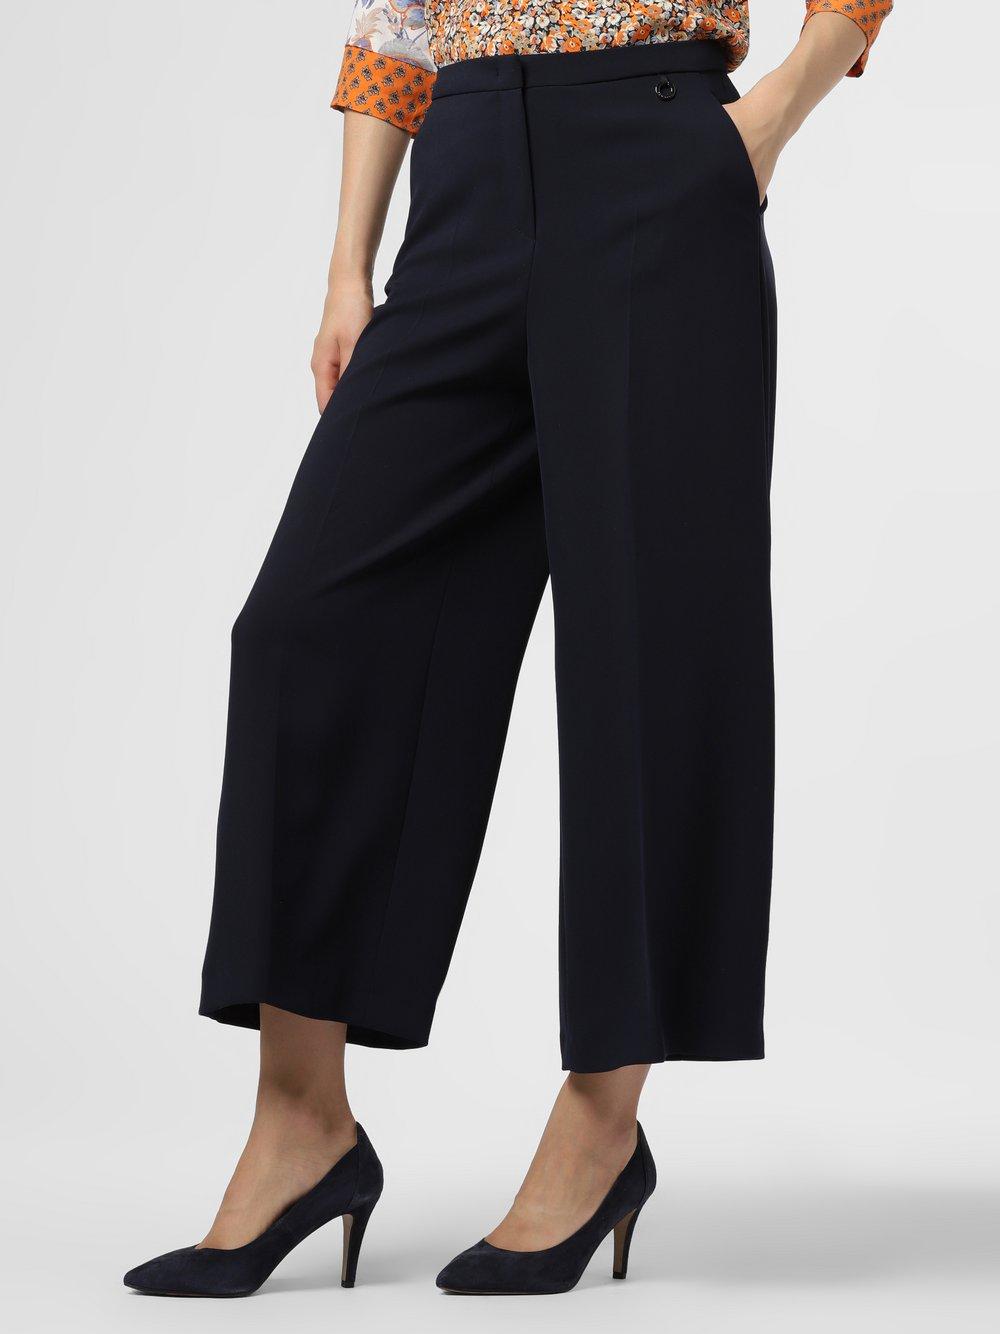 RAFFAELLO ROSSI – Spodnie damskie – Monja, niebieski Van Graaf 483796-0001-00360